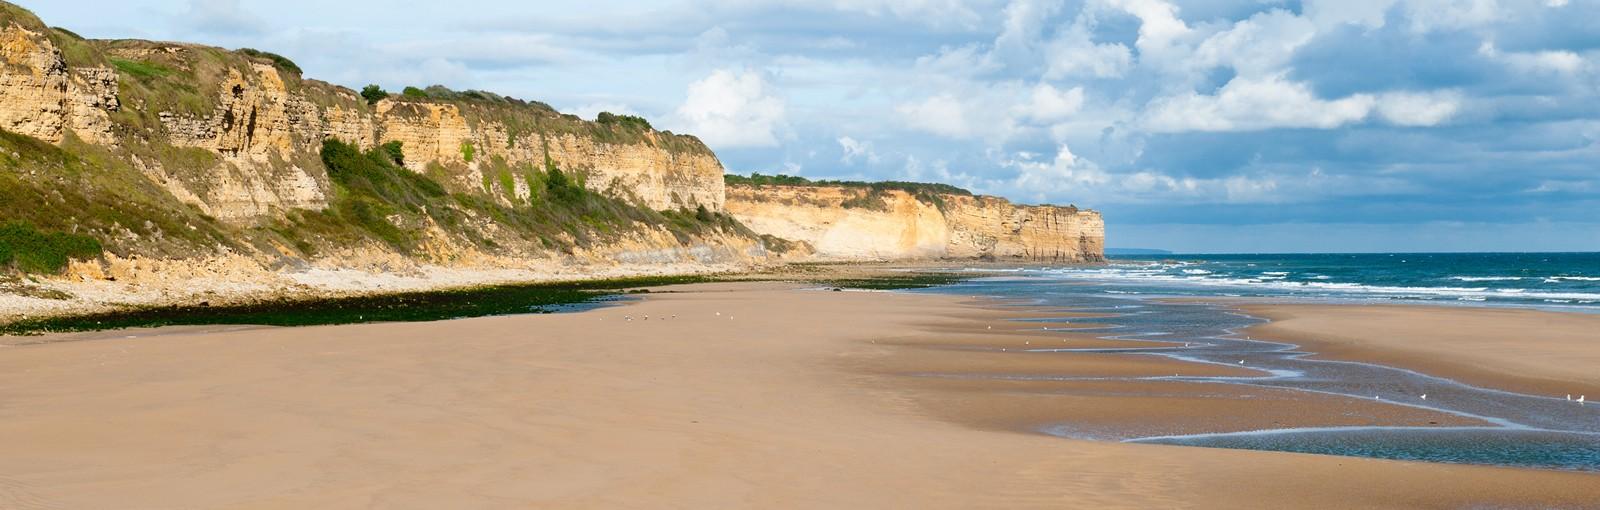 Tours 2 Jours en Normandie et au Mont-Saint-Michel - Normandie - Circuits au départ de Paris